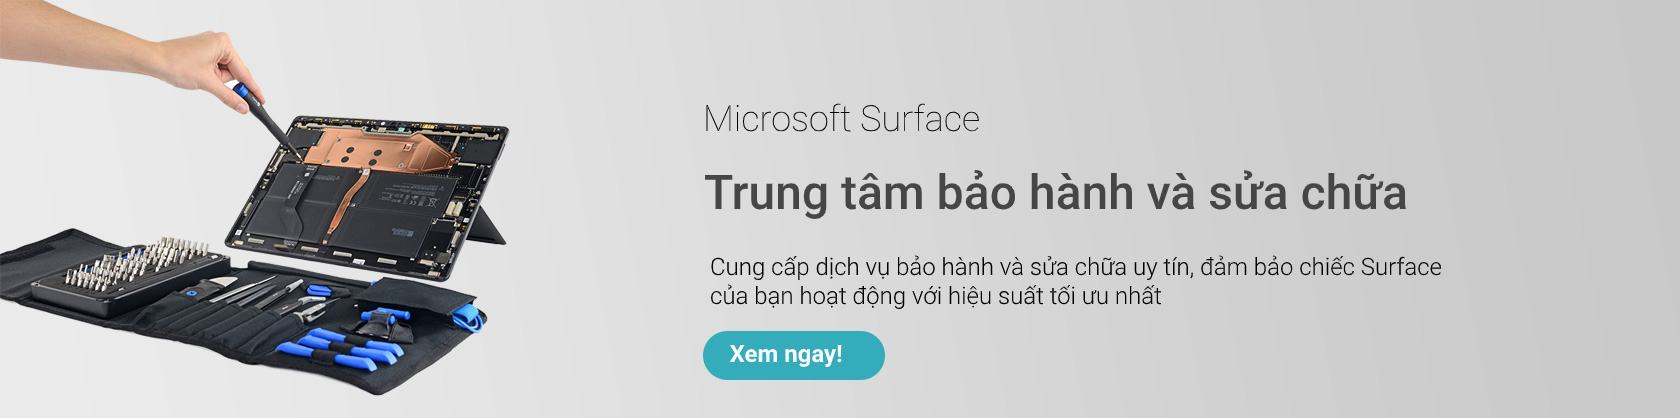 Trung tâm bảo hành và sửa chữa Microsoft Surface